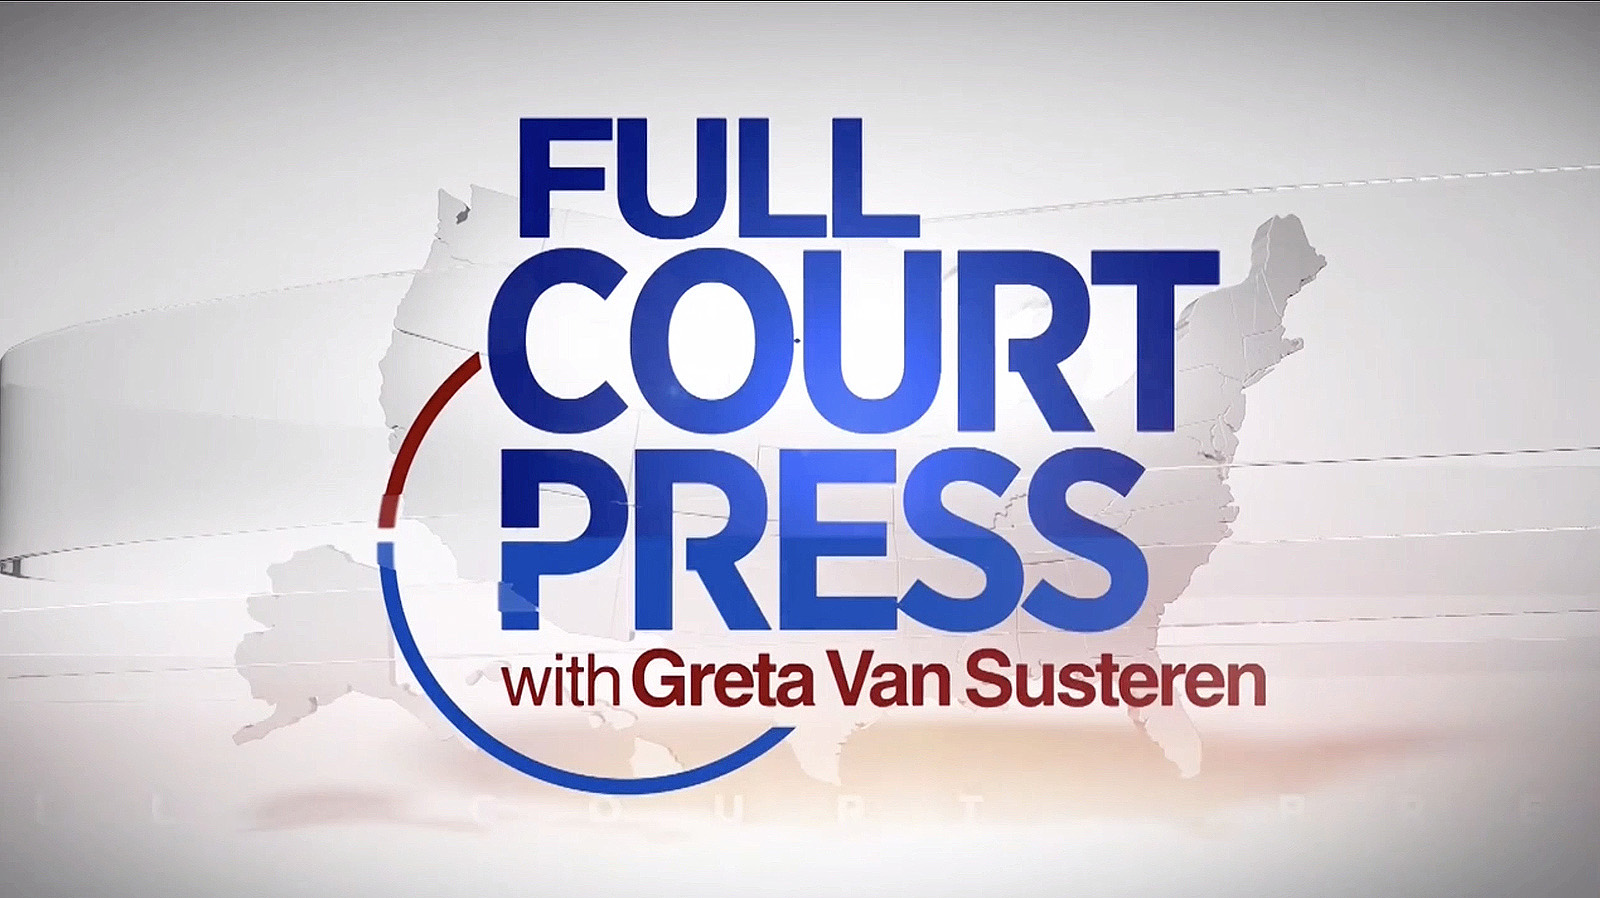 NCS_Full-Court-Press_Greta-Van-Susteren_007